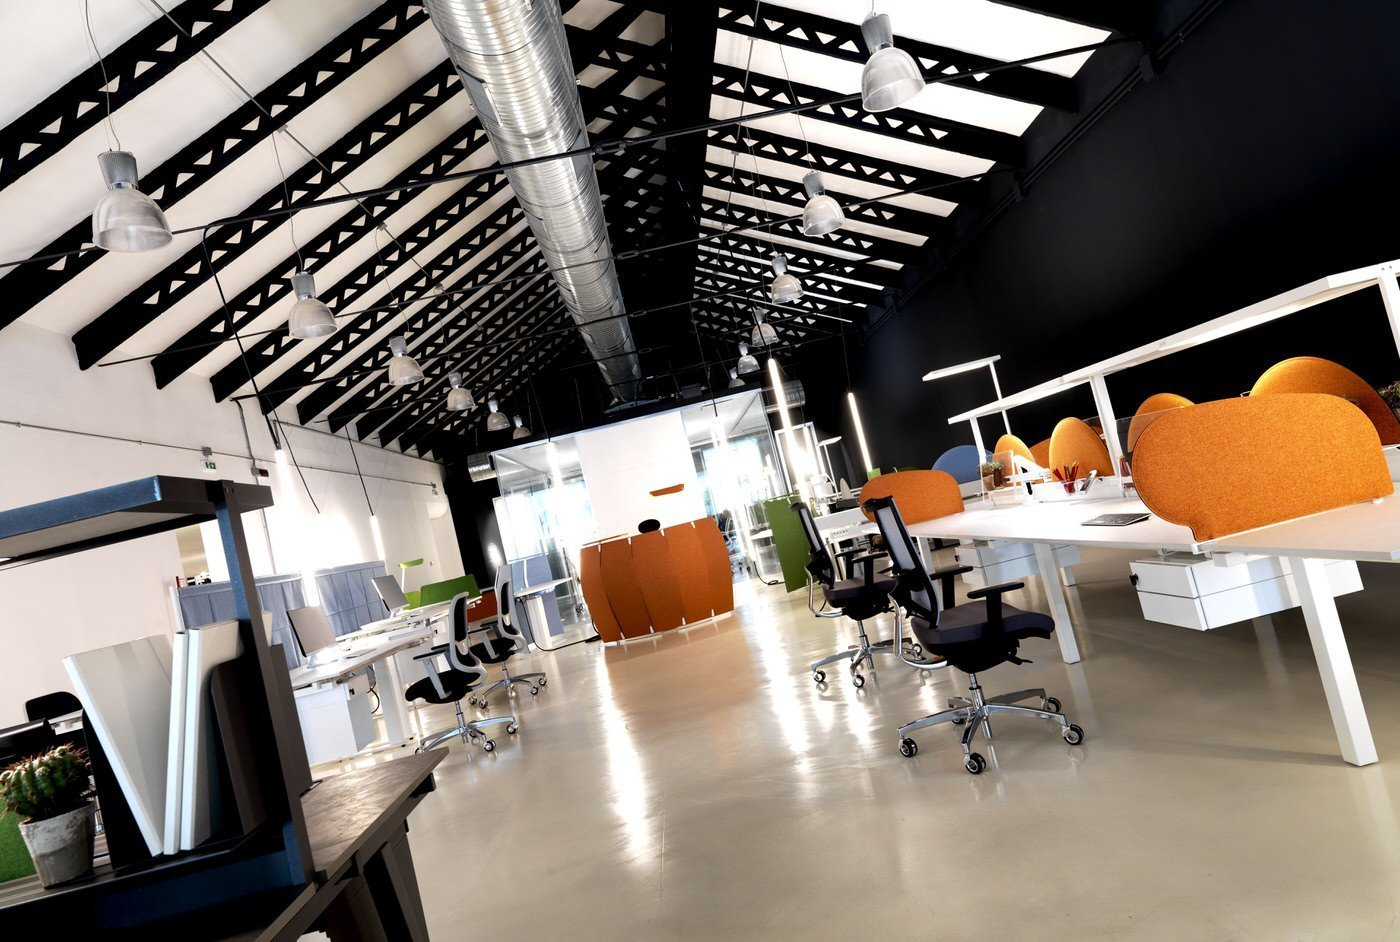 Arredamento Ufficio Friuli Venezia Giulia : Showroom mobili per ufficio design made in italy